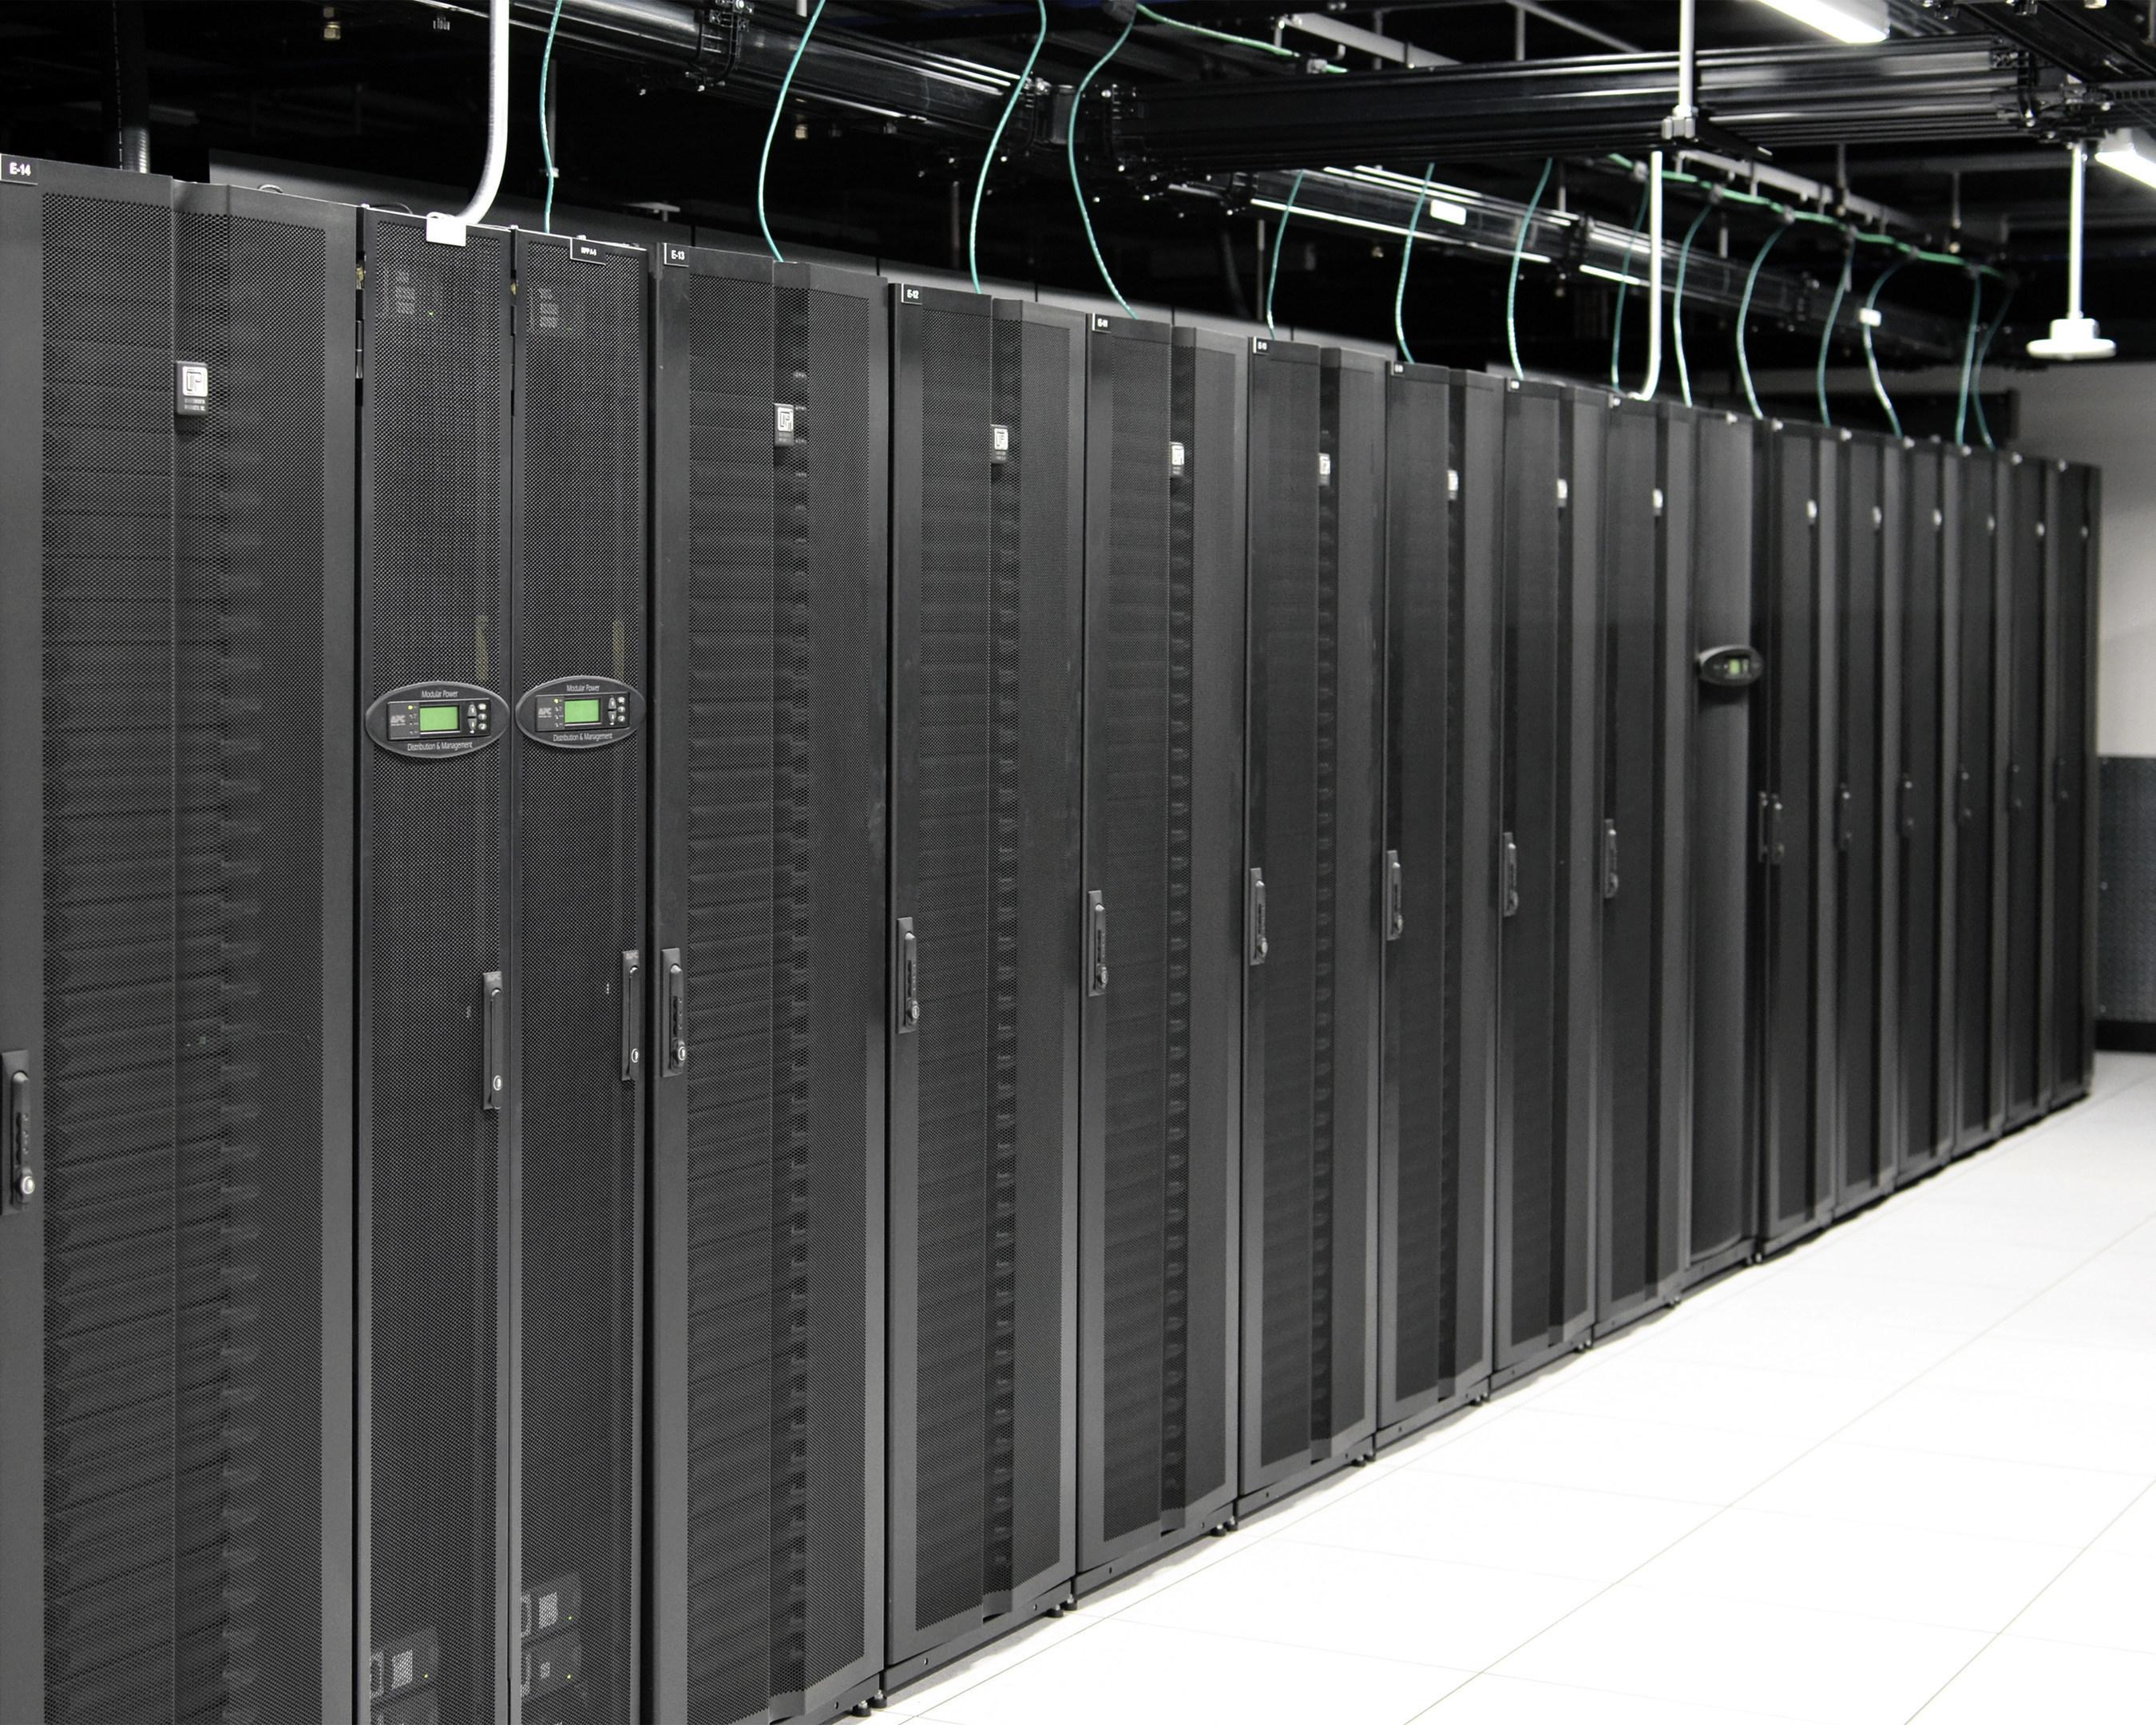 Soluciones Personalizadas de CPI Generan Ahorros en el Centro de Coubicación de Datos de Dallas